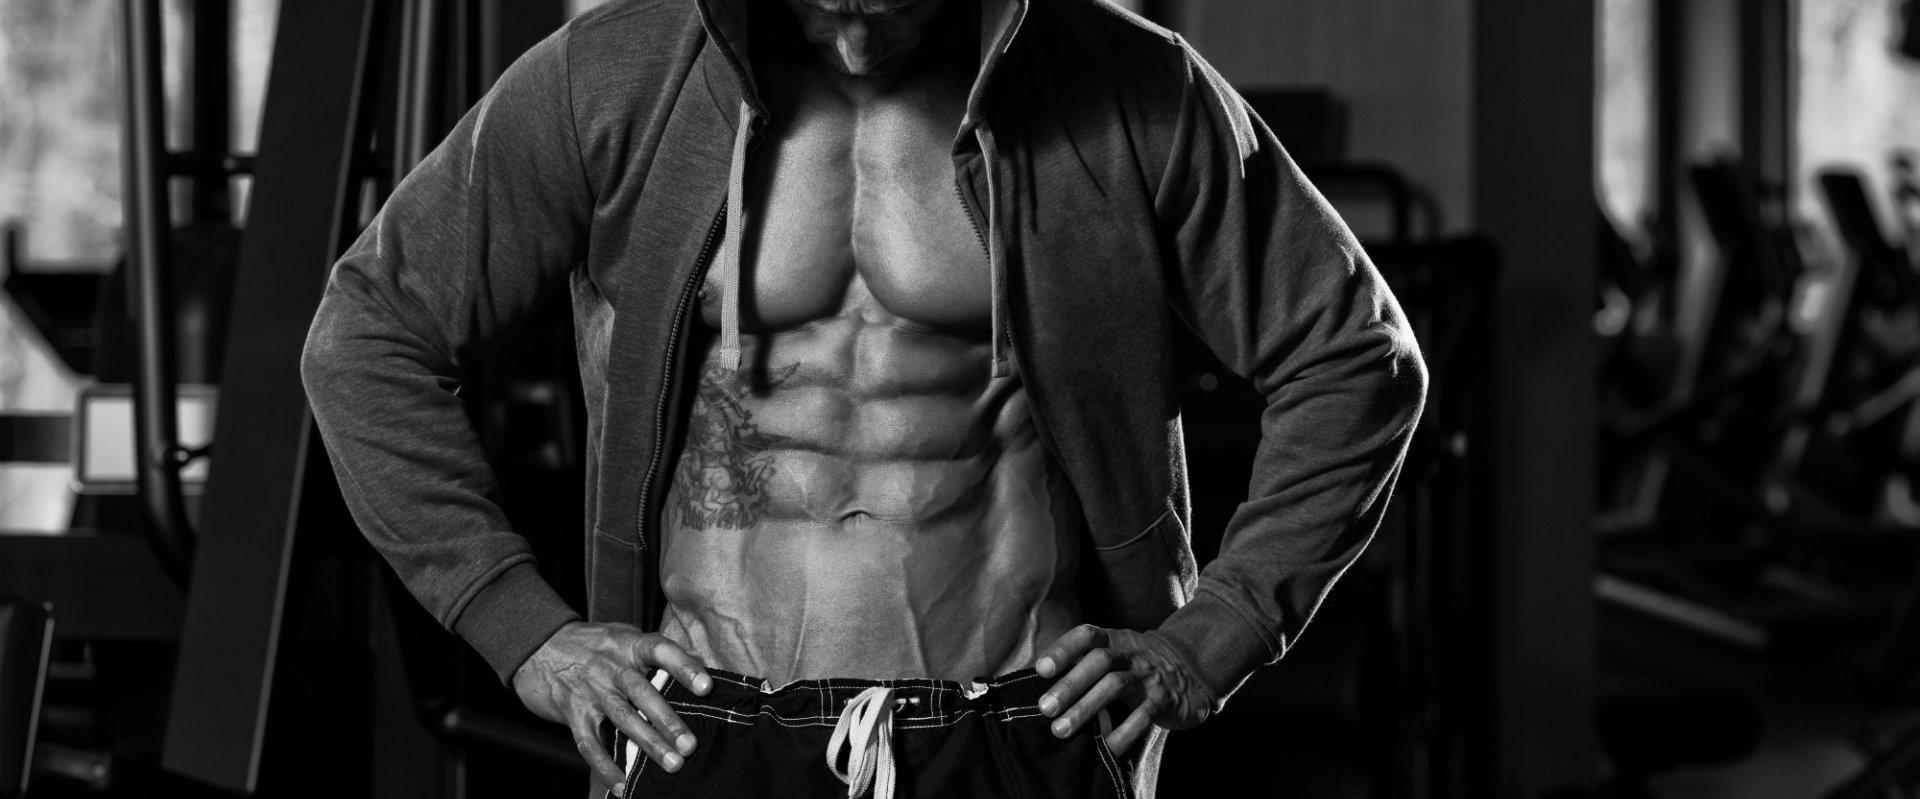 Imagen de hombre en blanco y negro mostrando su abdomen plano